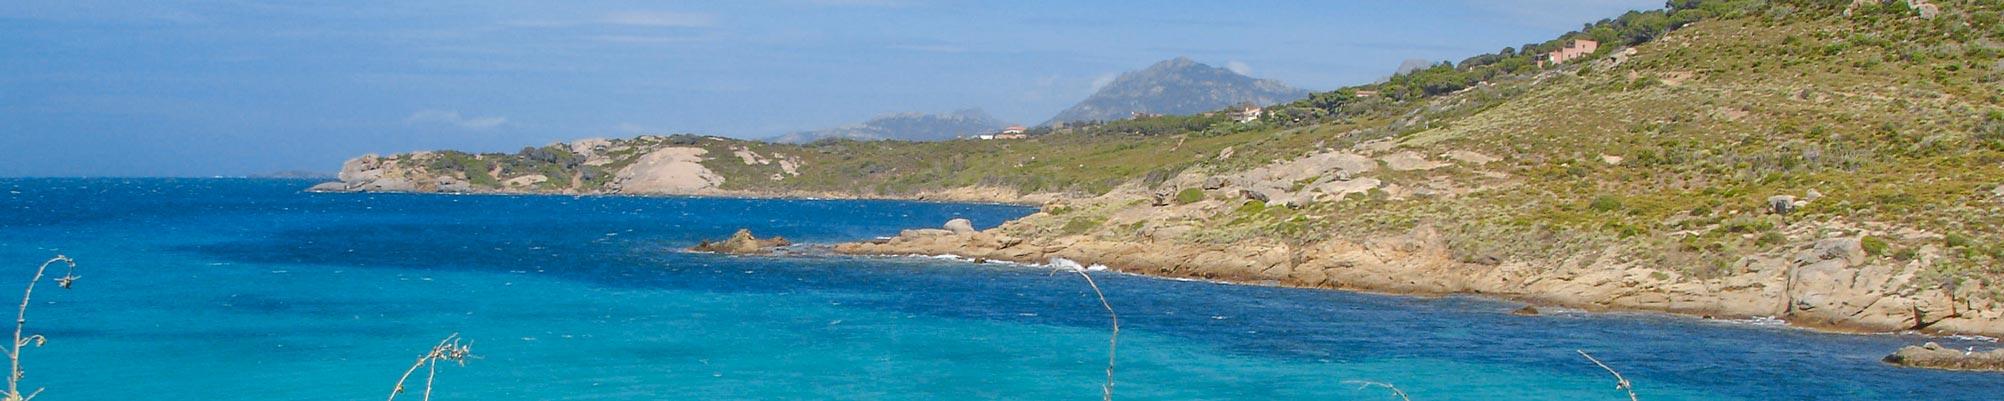 Calvi Landschaft in der Nähe von Camping-Korsika